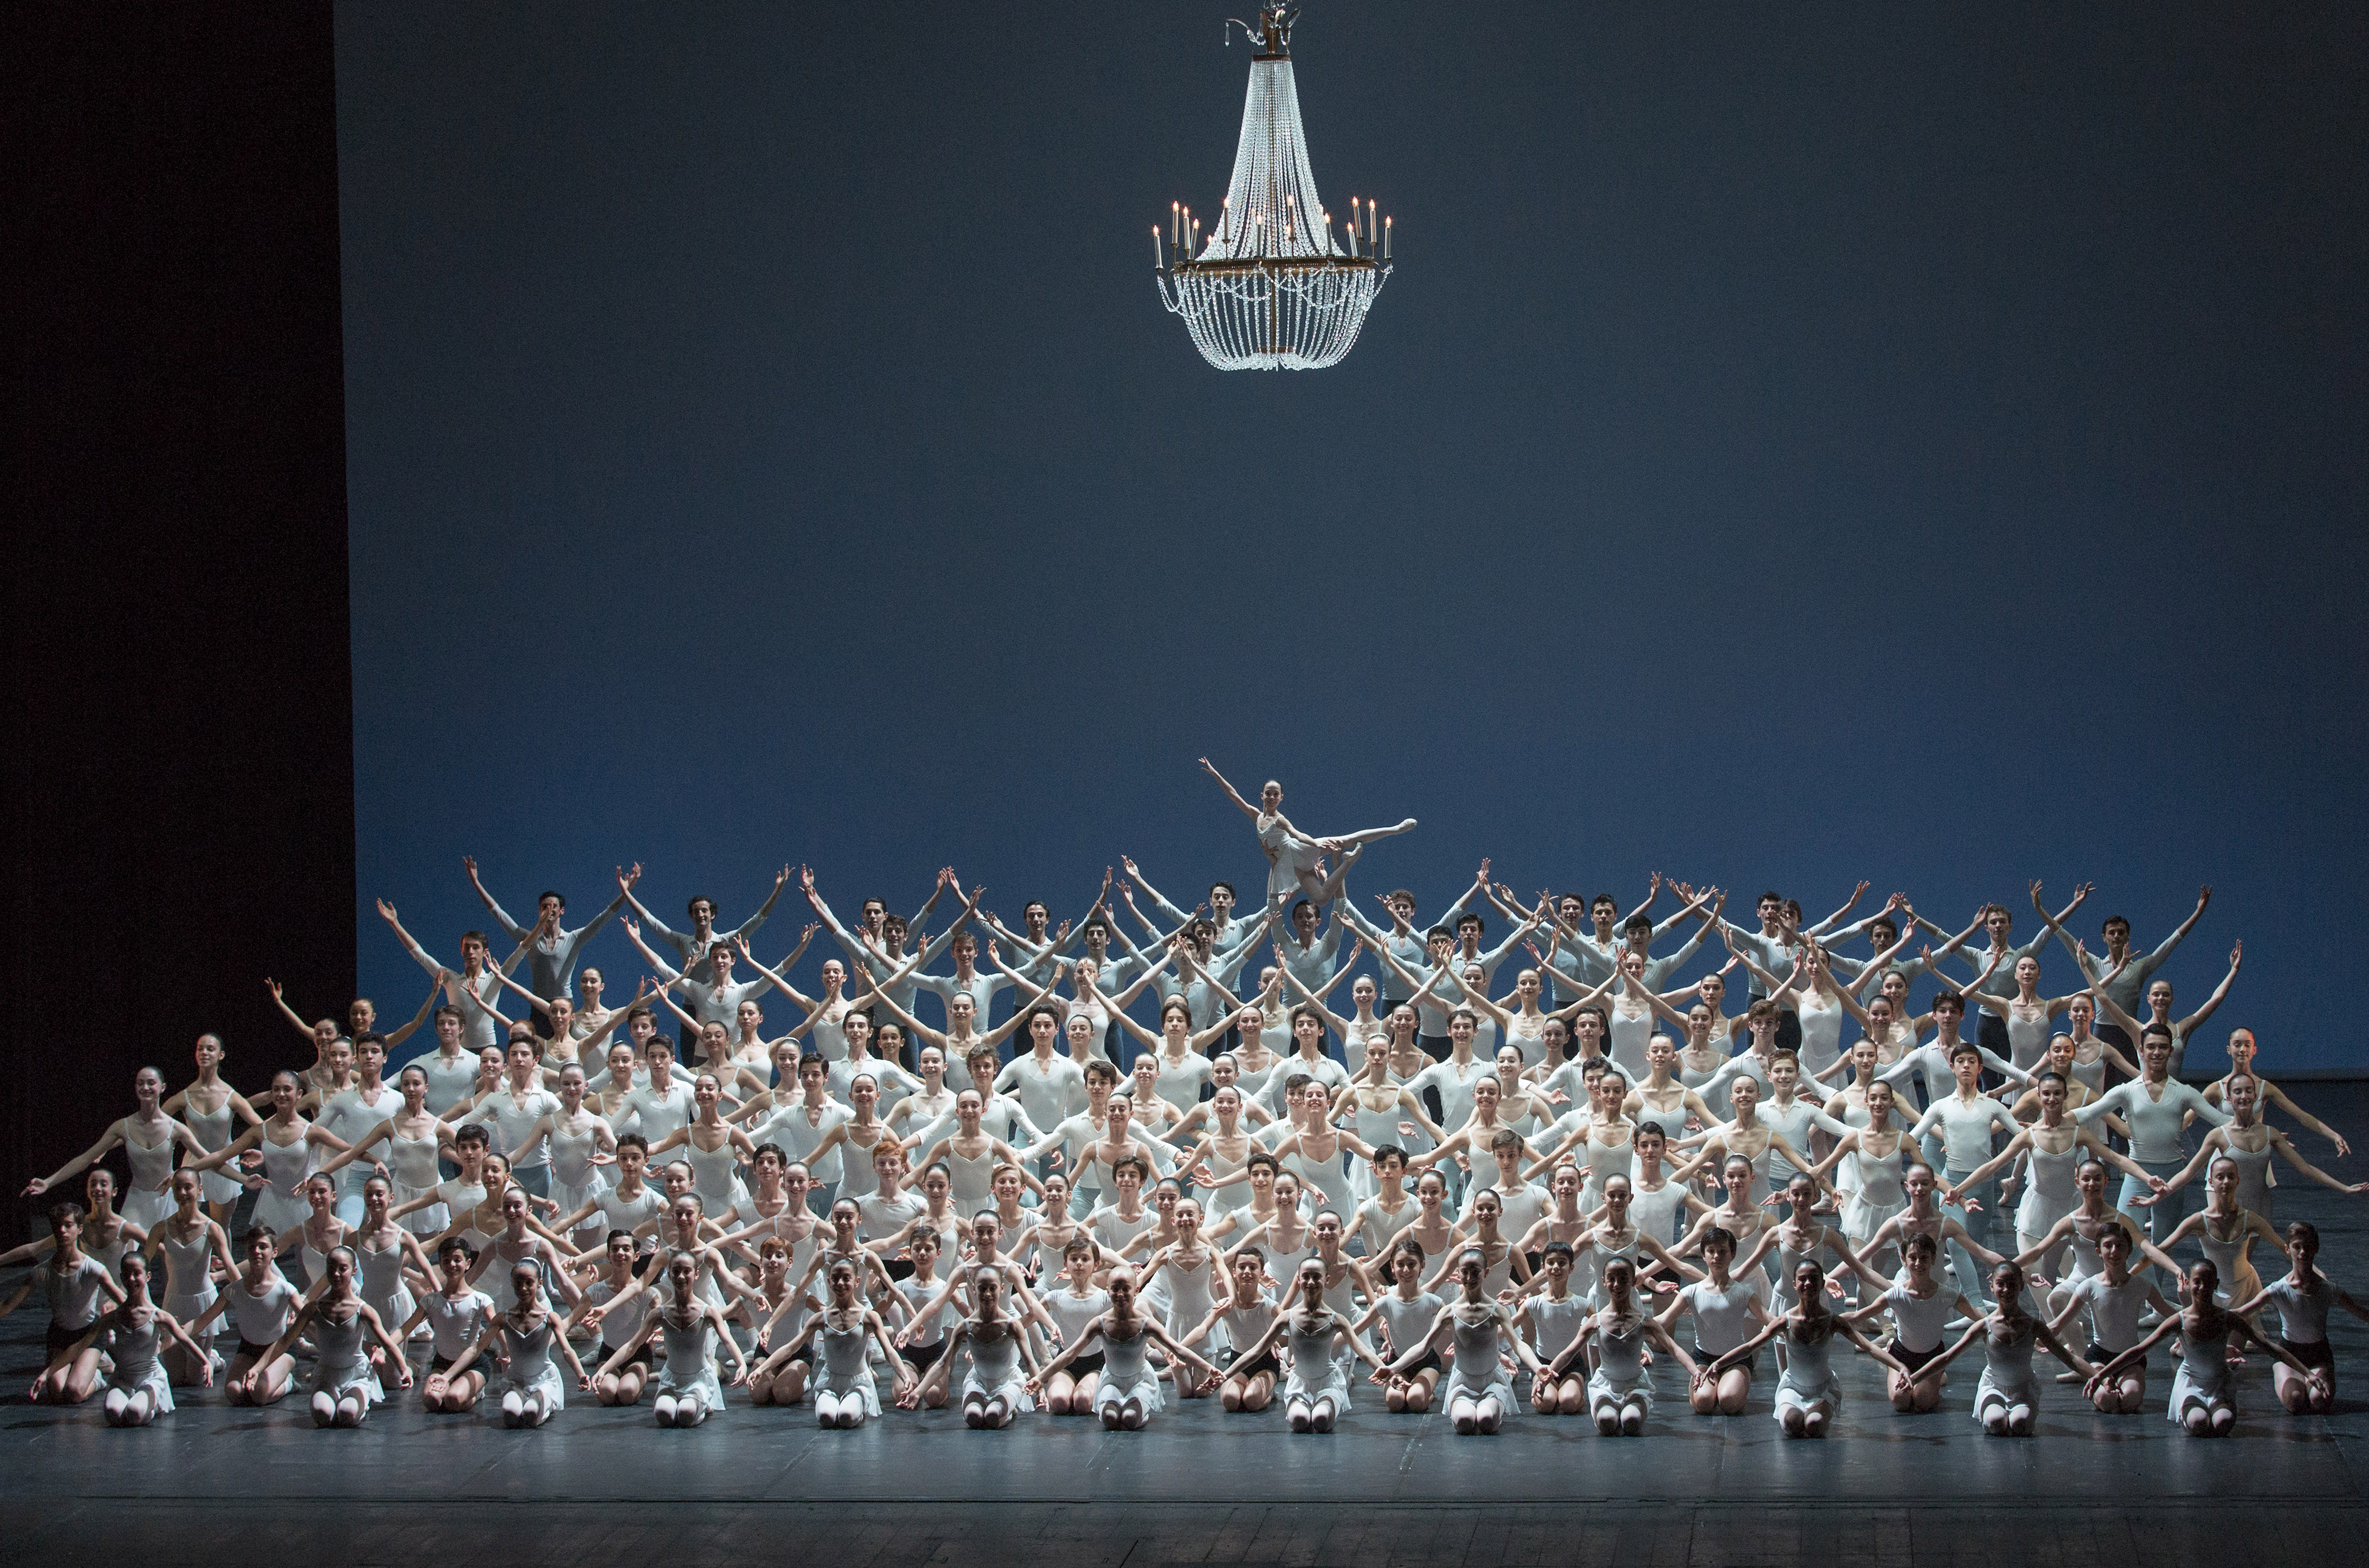 presentation-scuola-di-ballo-accademia-teatro-alla-scala-foto-ilaria-elena-borin